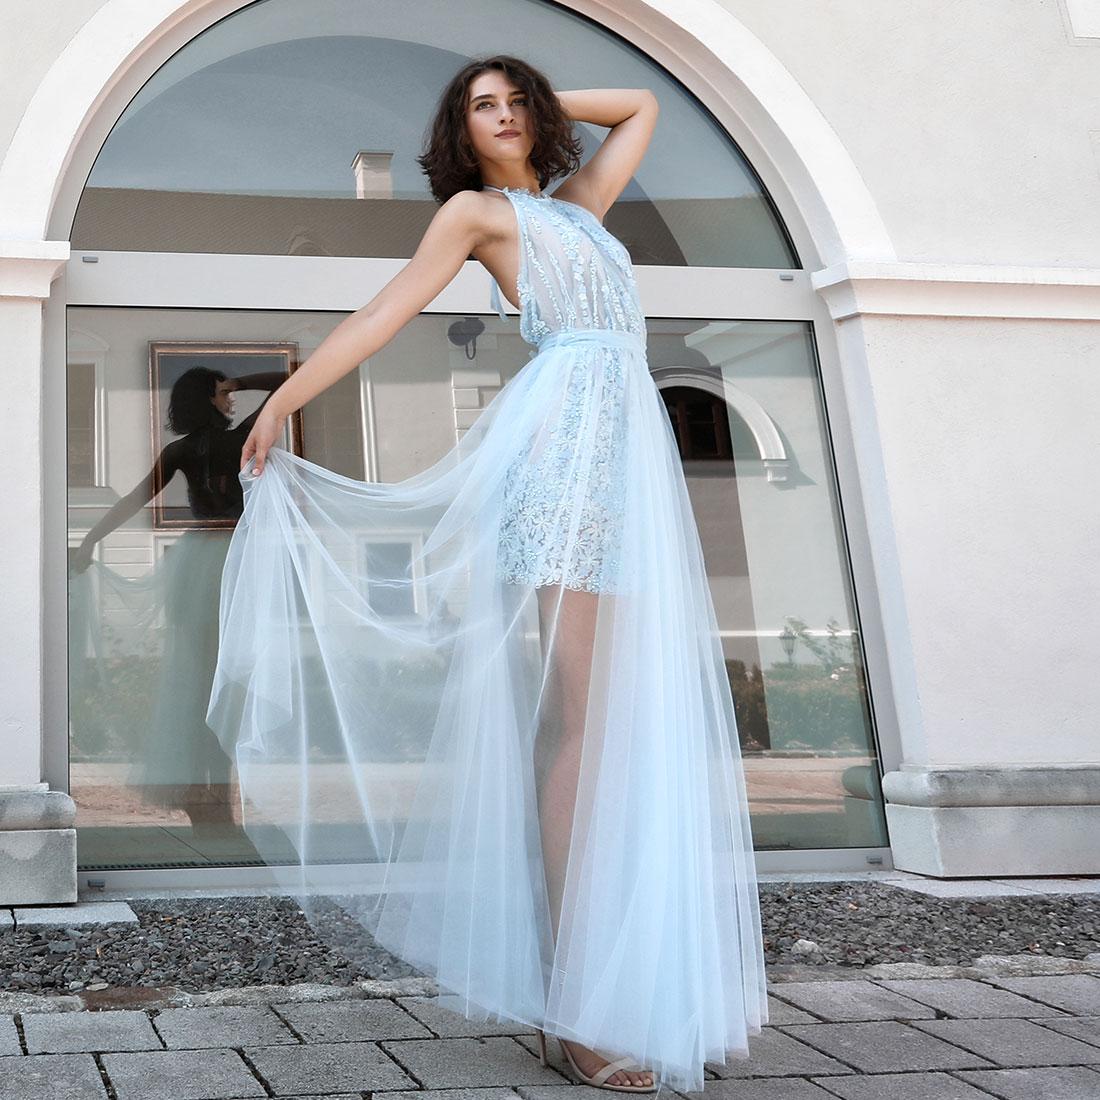 Katleen - Spoločenské a plesové šaty v Nitre 9f7c0008e33